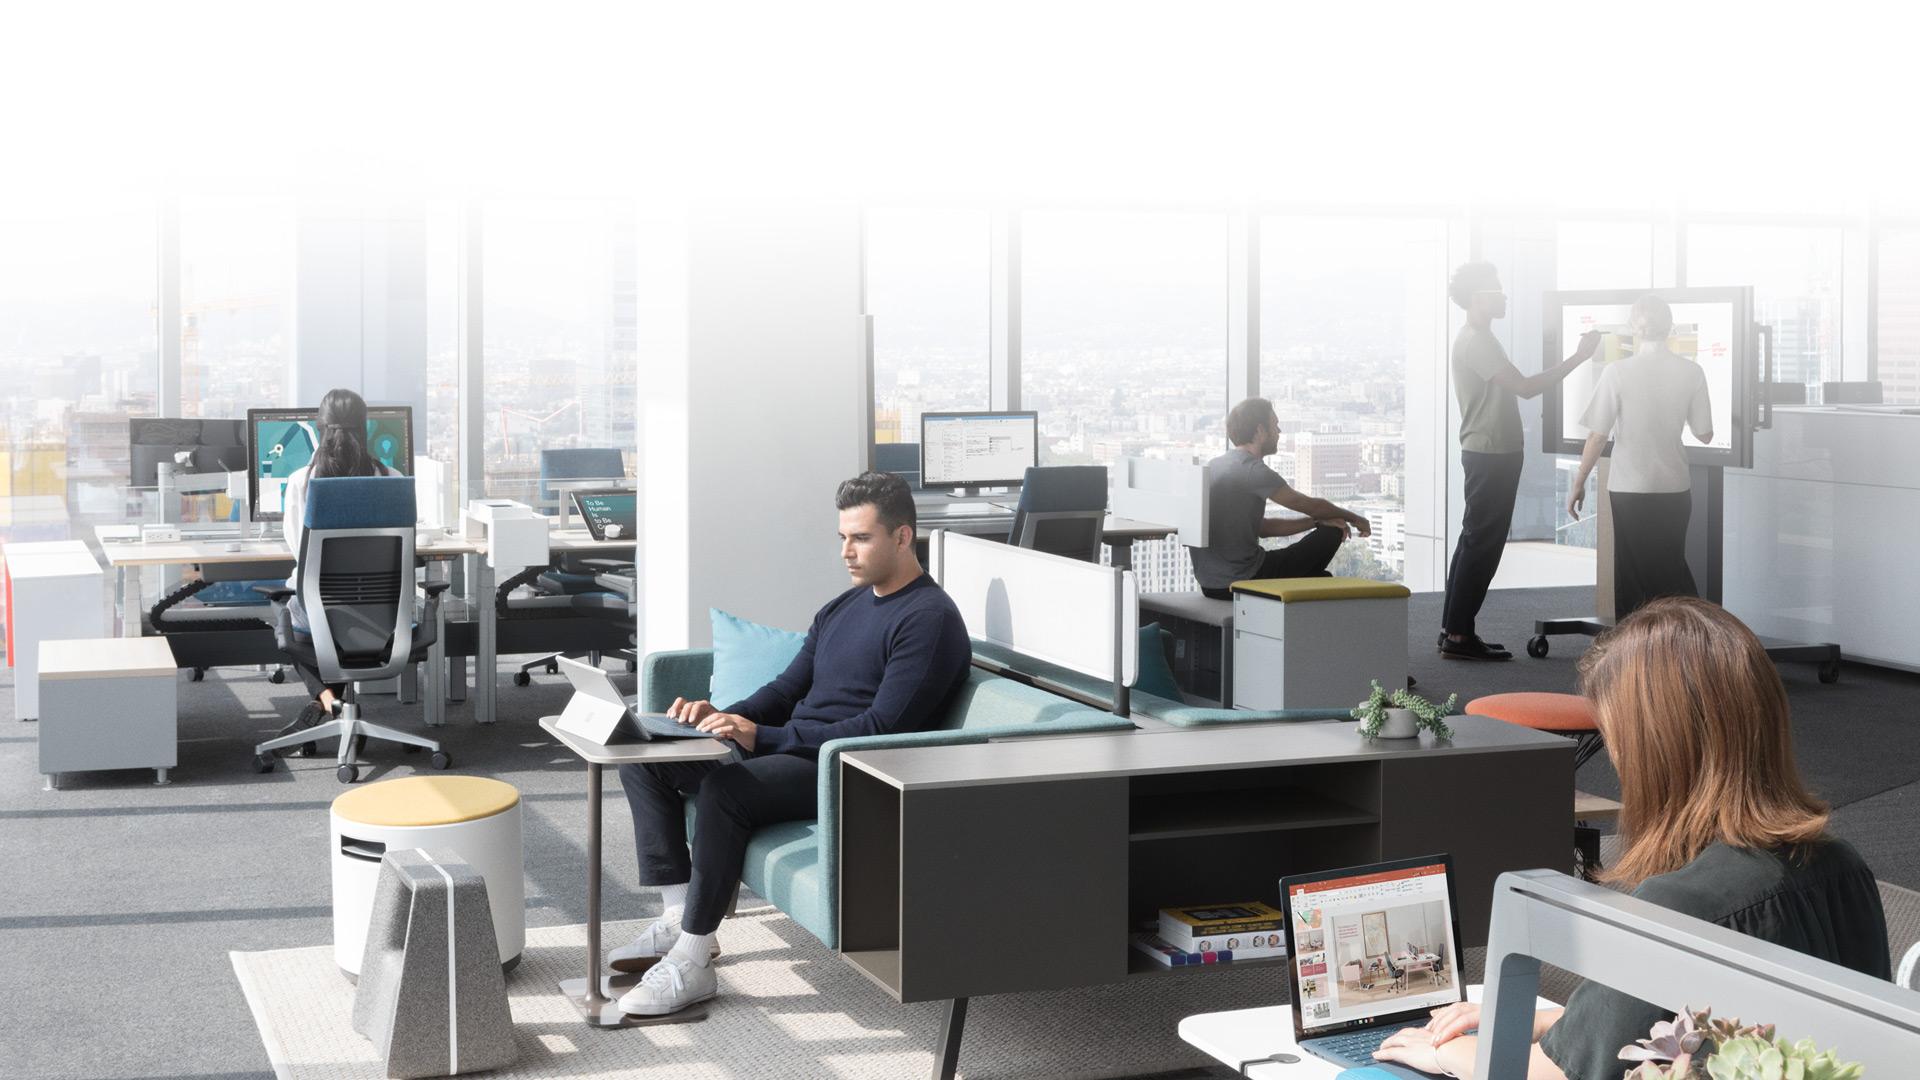 Surface-Gerätefamilie abgebildet vor einem hellgrauen Hintergrund